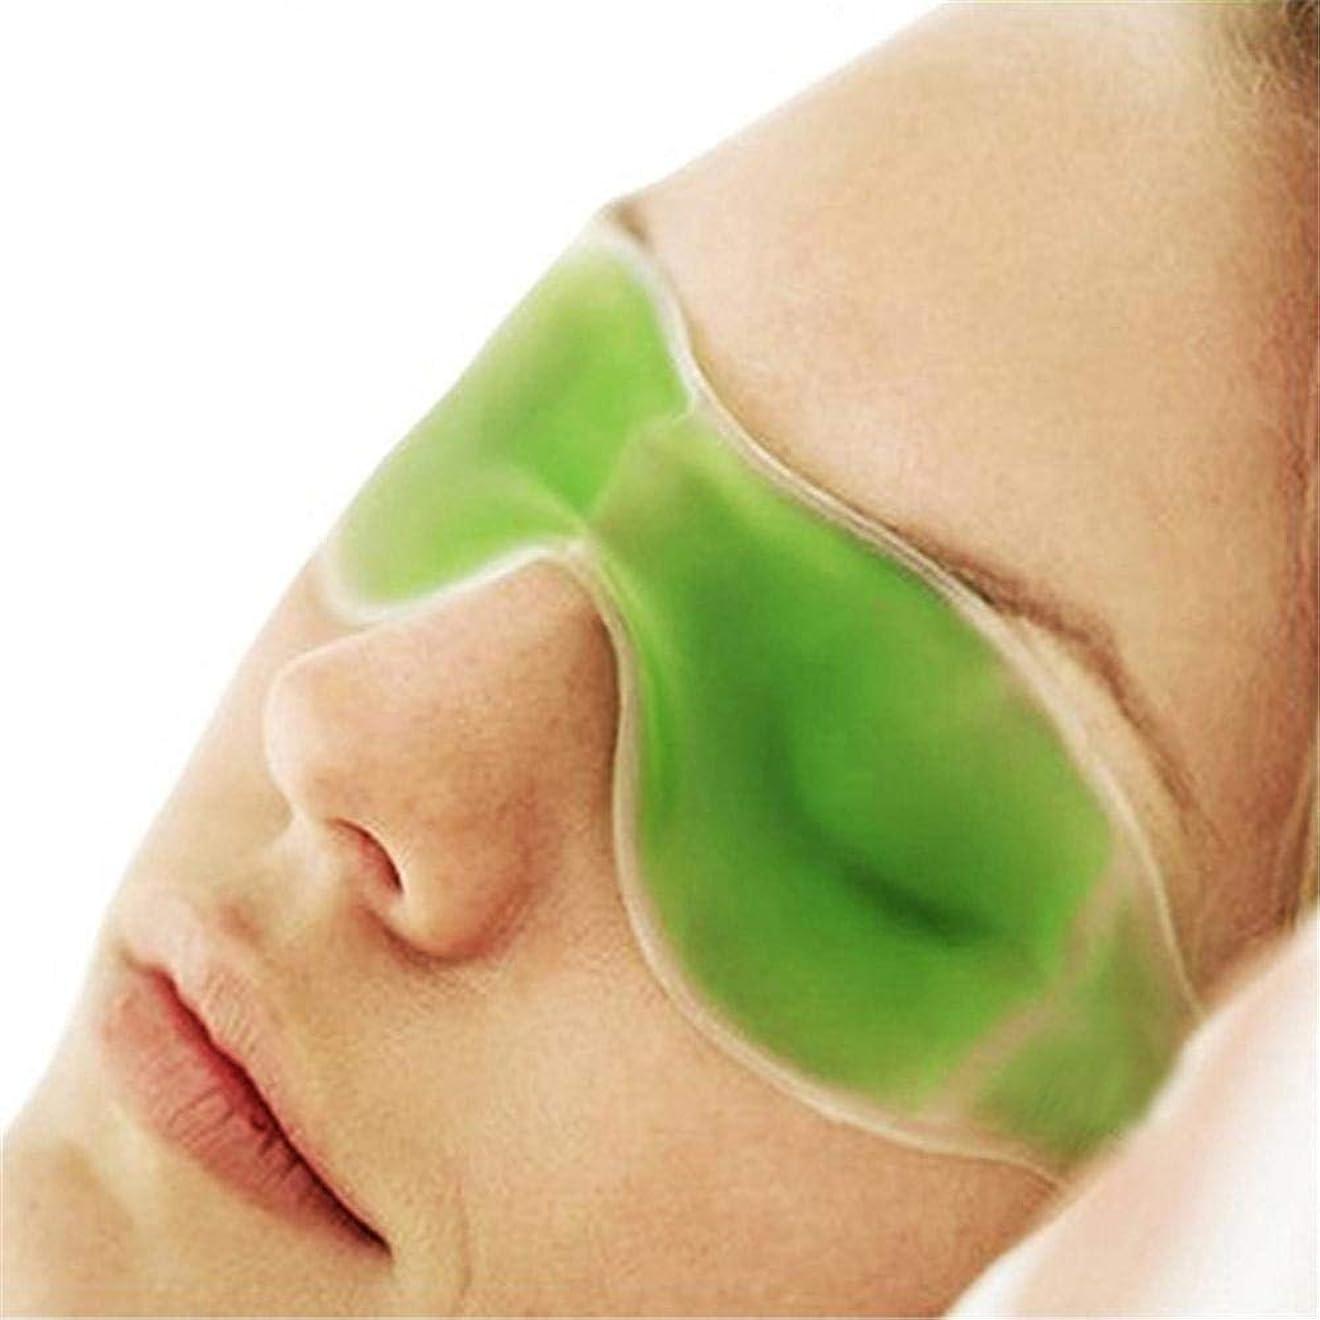 言語学動機付ける第五NOTE 1ピースコールドアイマスクアイス圧縮アイスゴーグル疲労緩和除去ダークサークルアイスバッグ効率的な睡眠アイマスク(ランダムカラー)